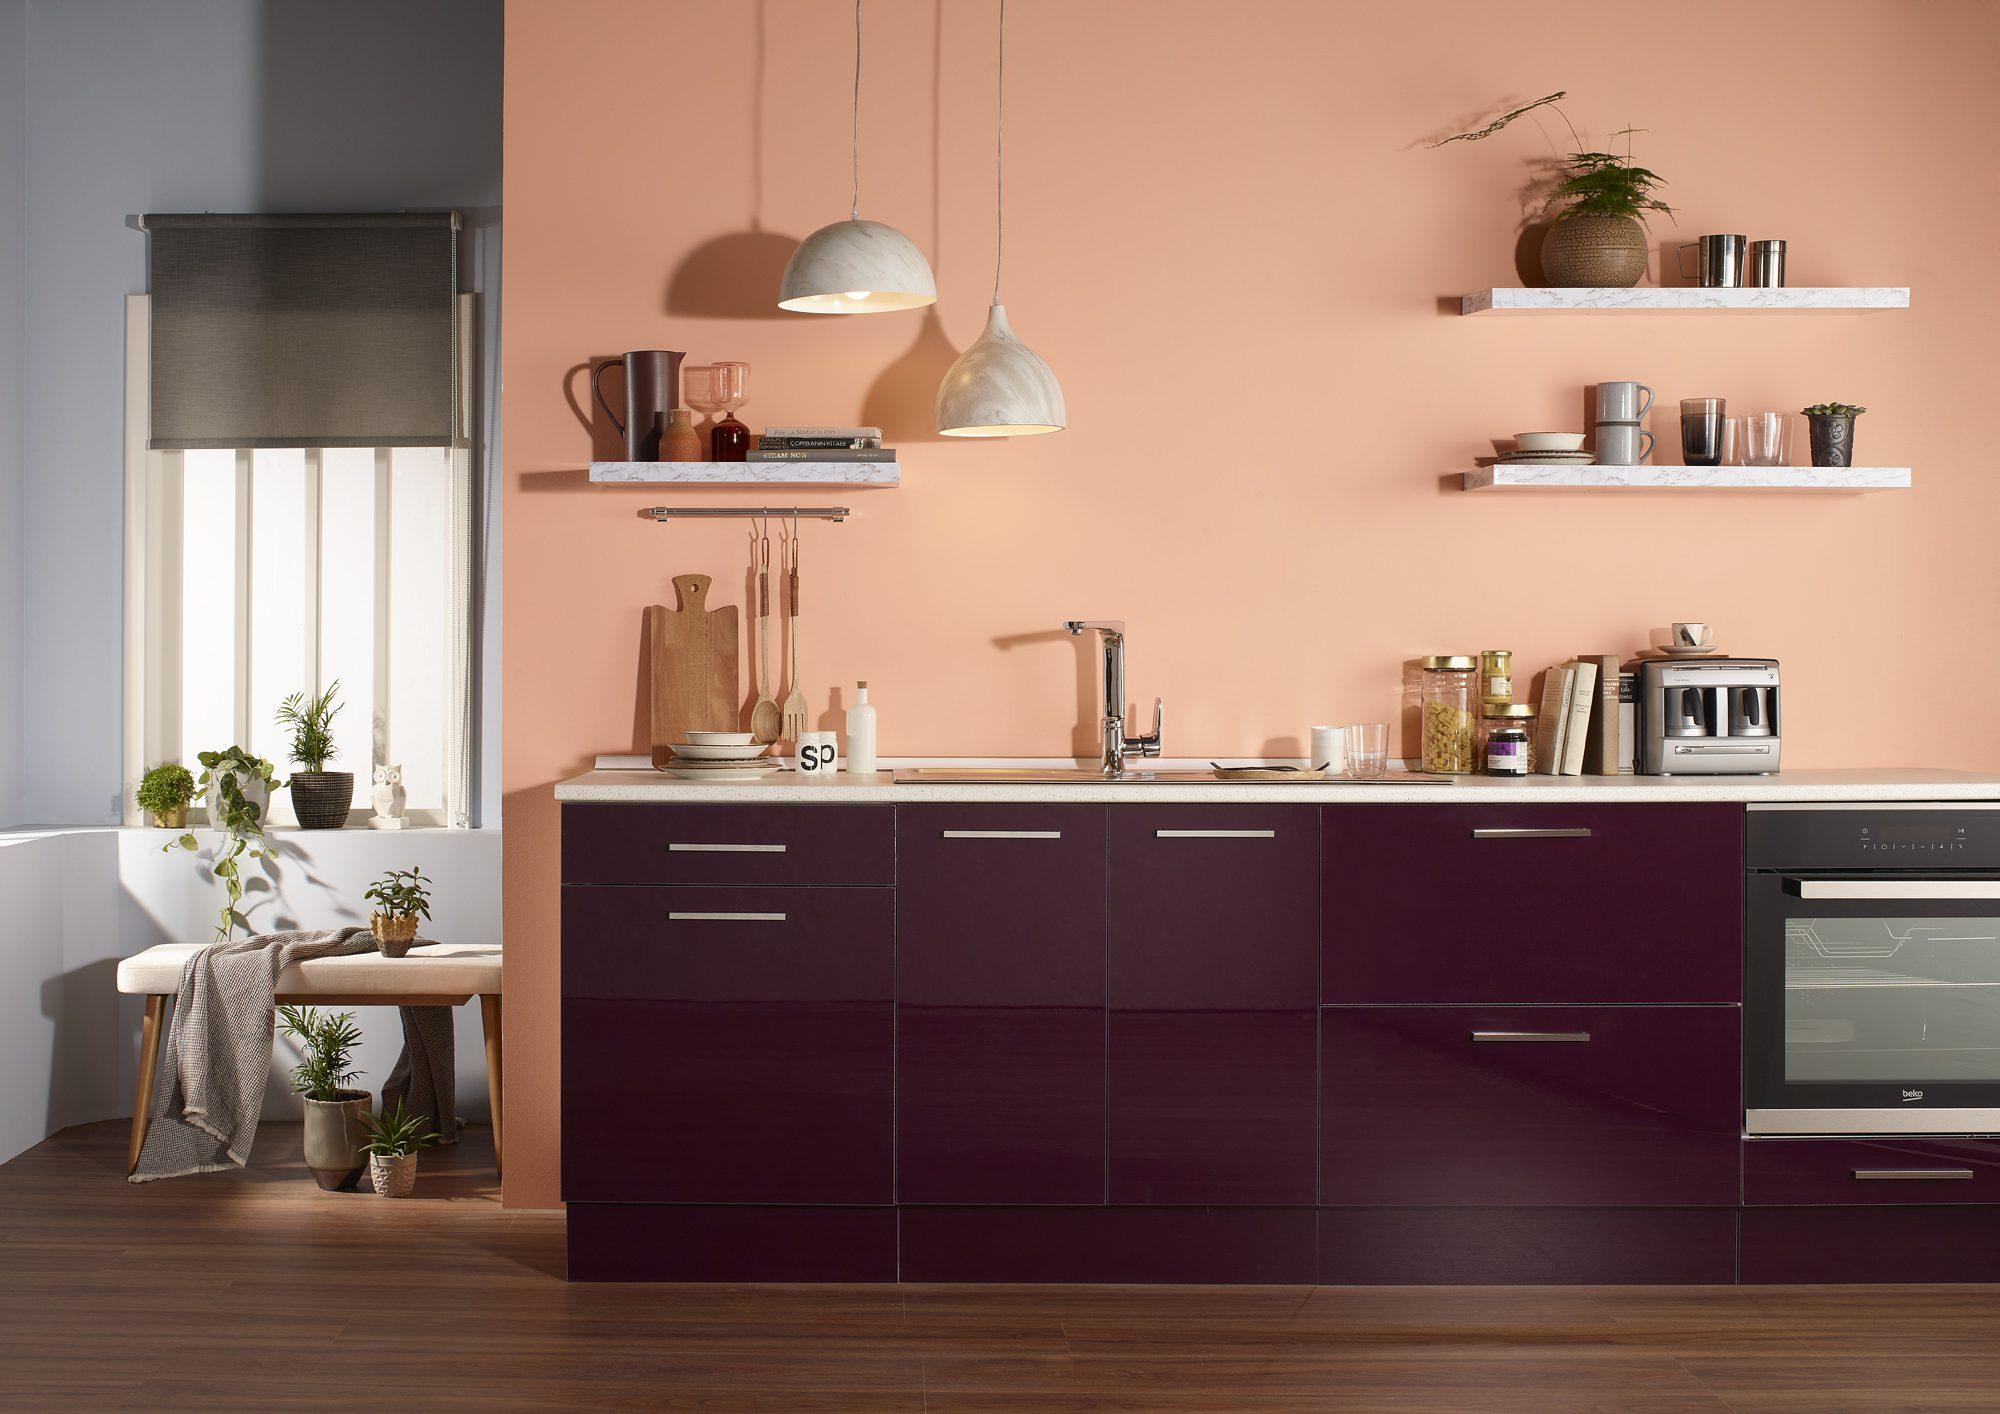 Mutfakta canlı renkler